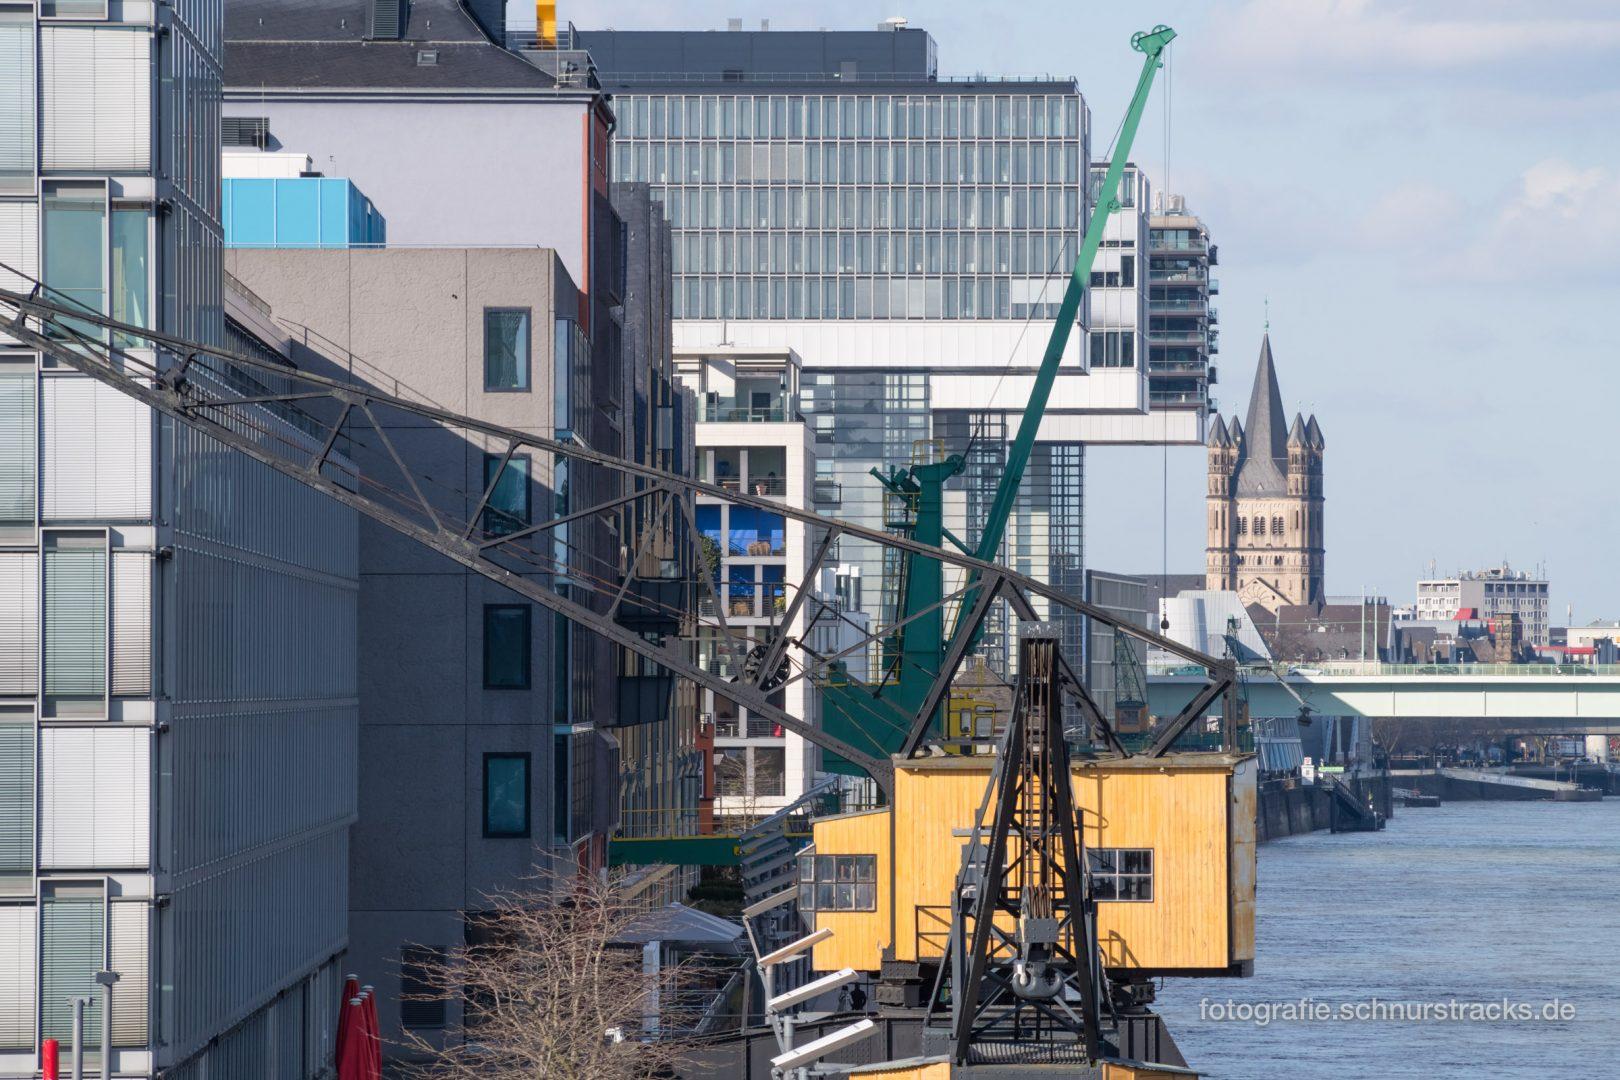 Rheinauhafen Architektur #1018